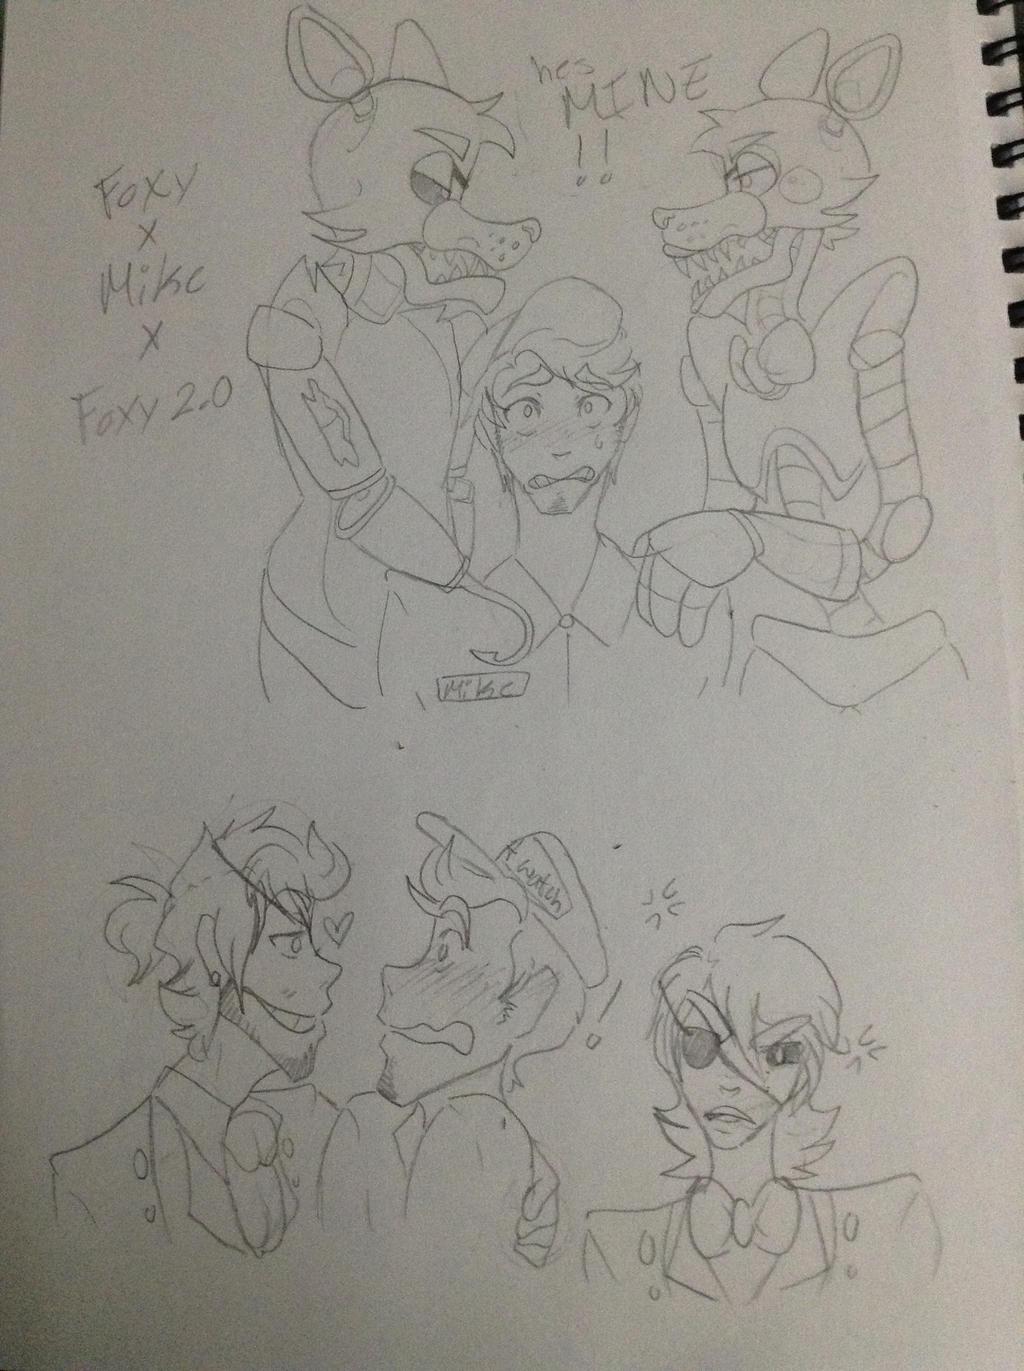 Foxys x mike by ll mrrandom ll on deviantart